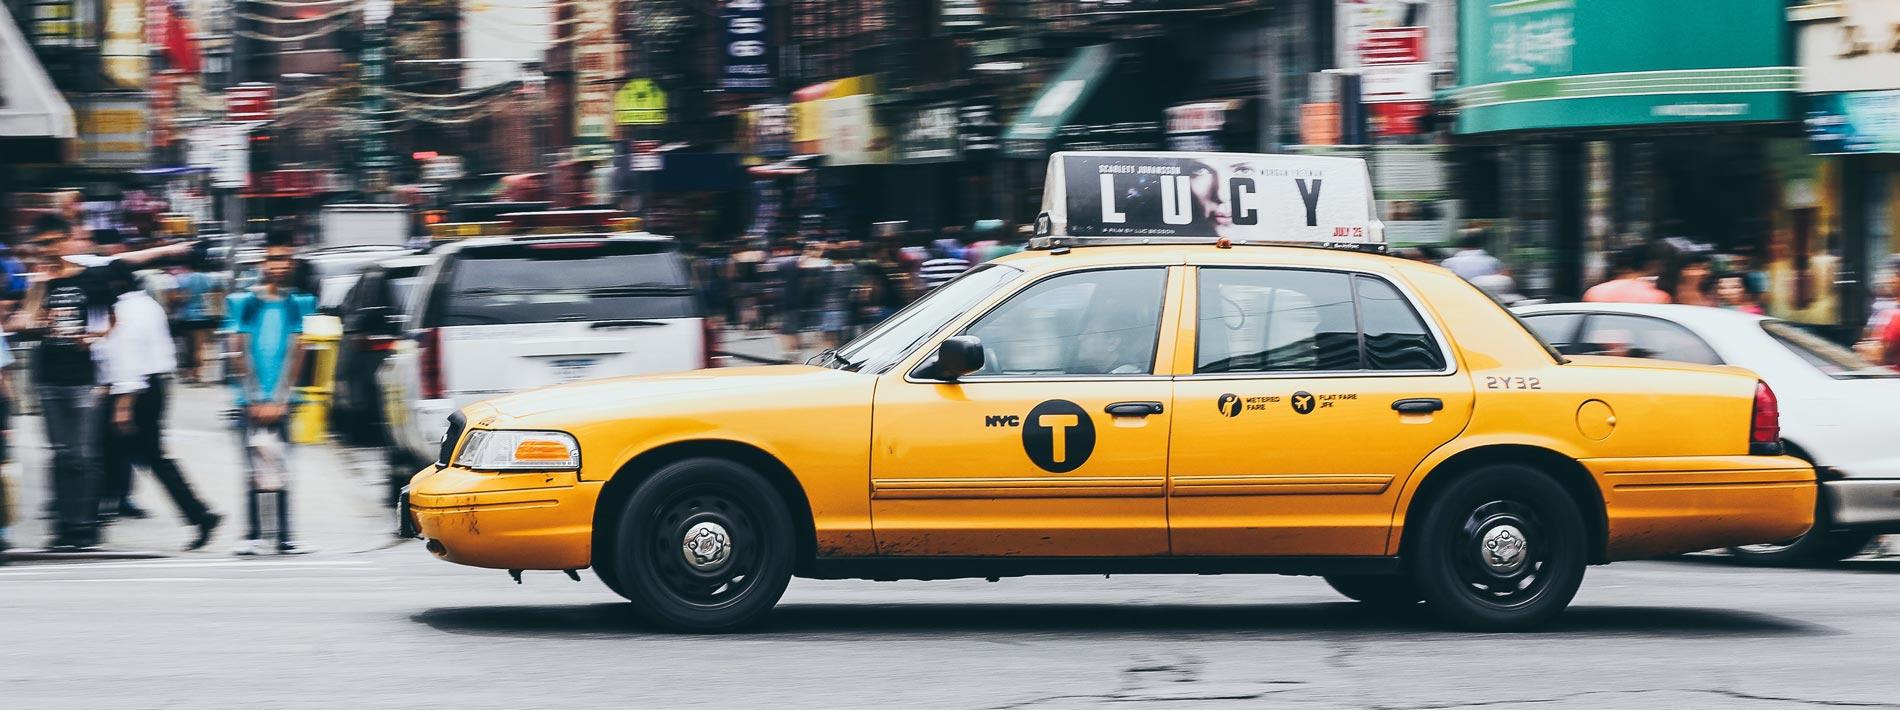 http://dsbroker.es/wp-content/uploads/2017/02/taxi-slider.jpg